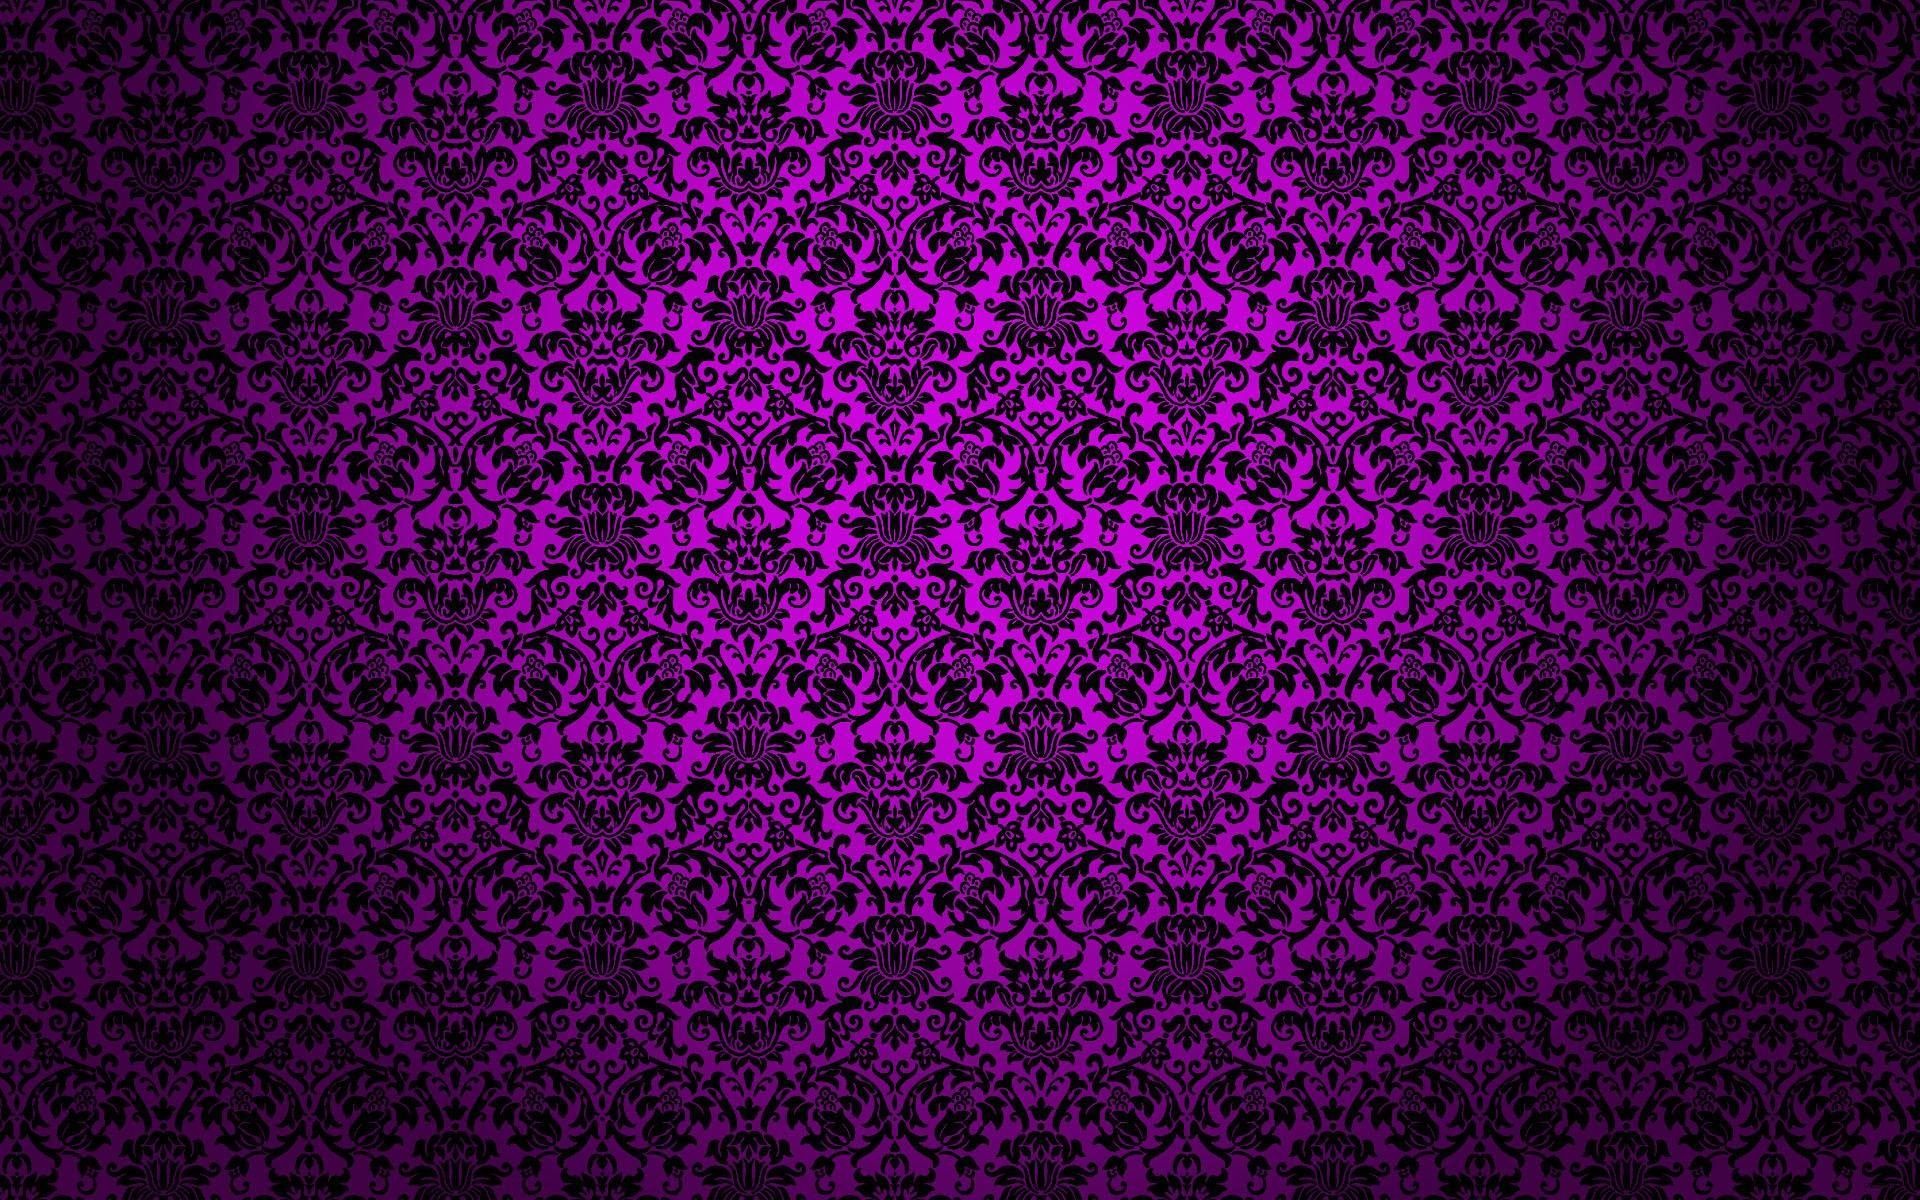 Aparador Retro Verde ~ papel de parede roxo textura papel de parede Pinterest Papel de parede roxo, Parede roxa e